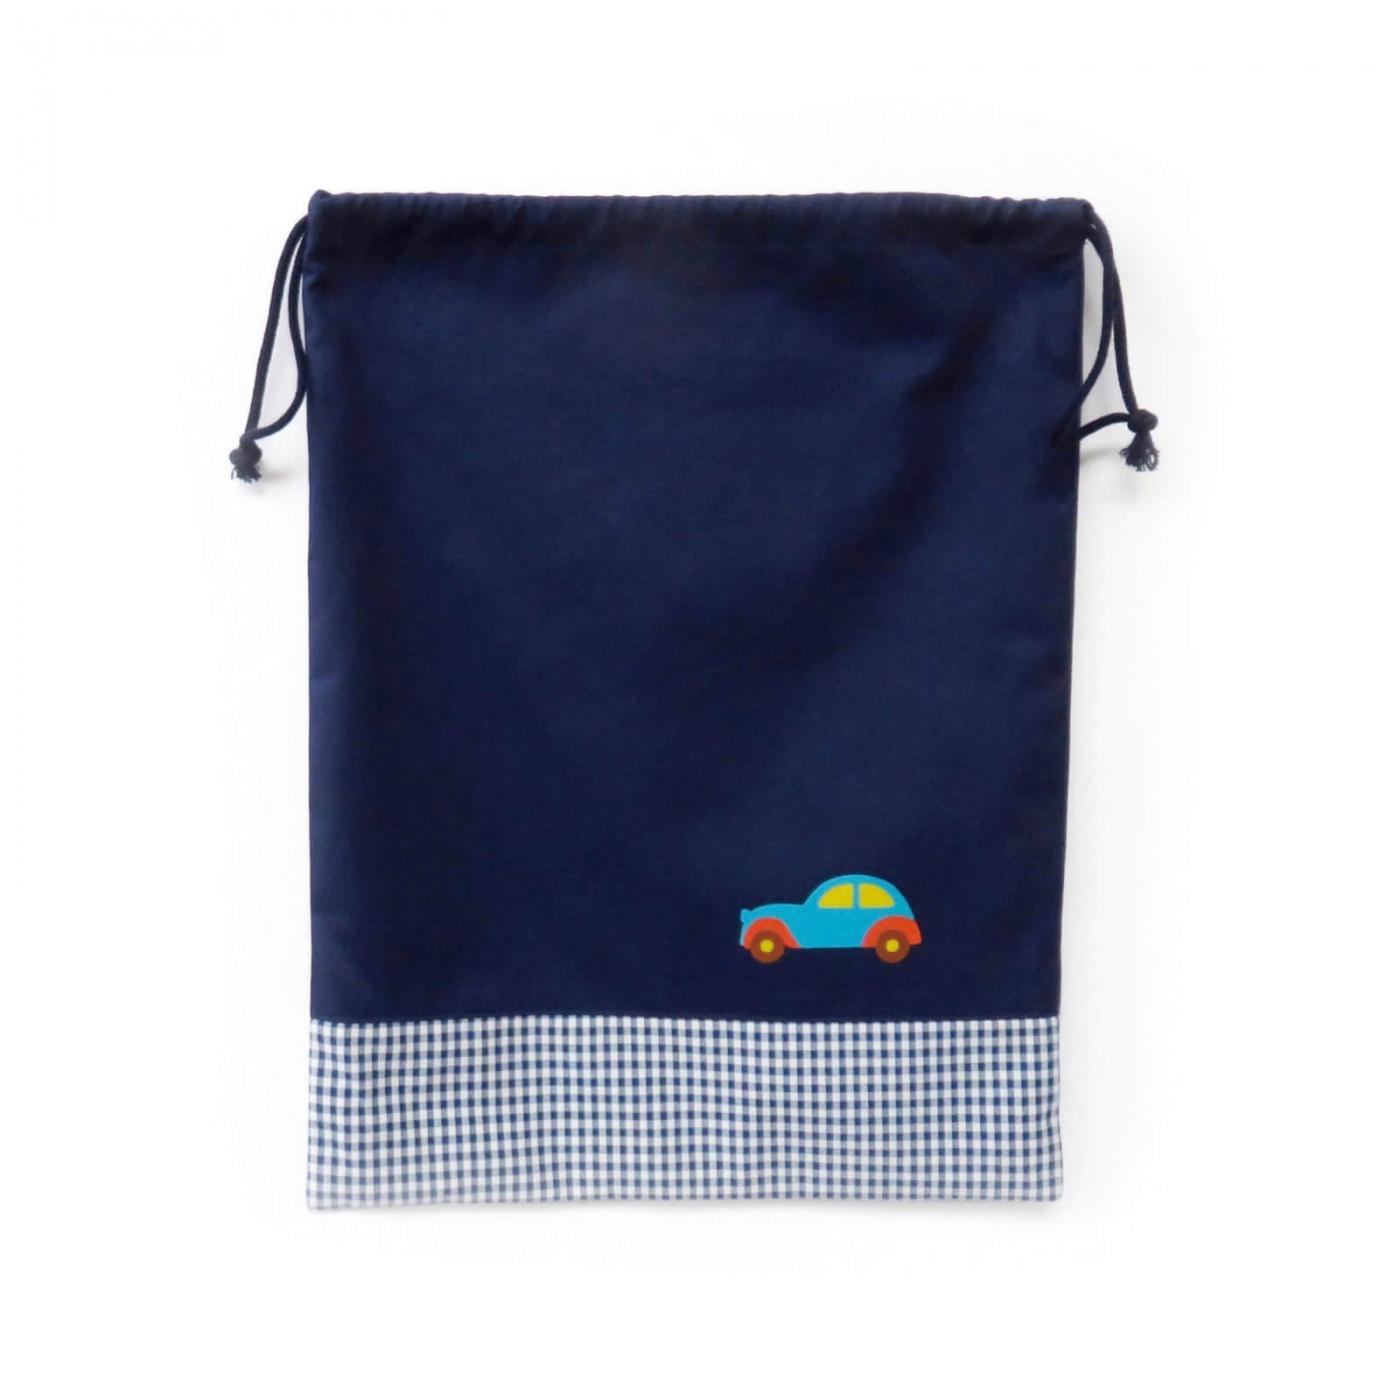 シンプルなお着替え袋